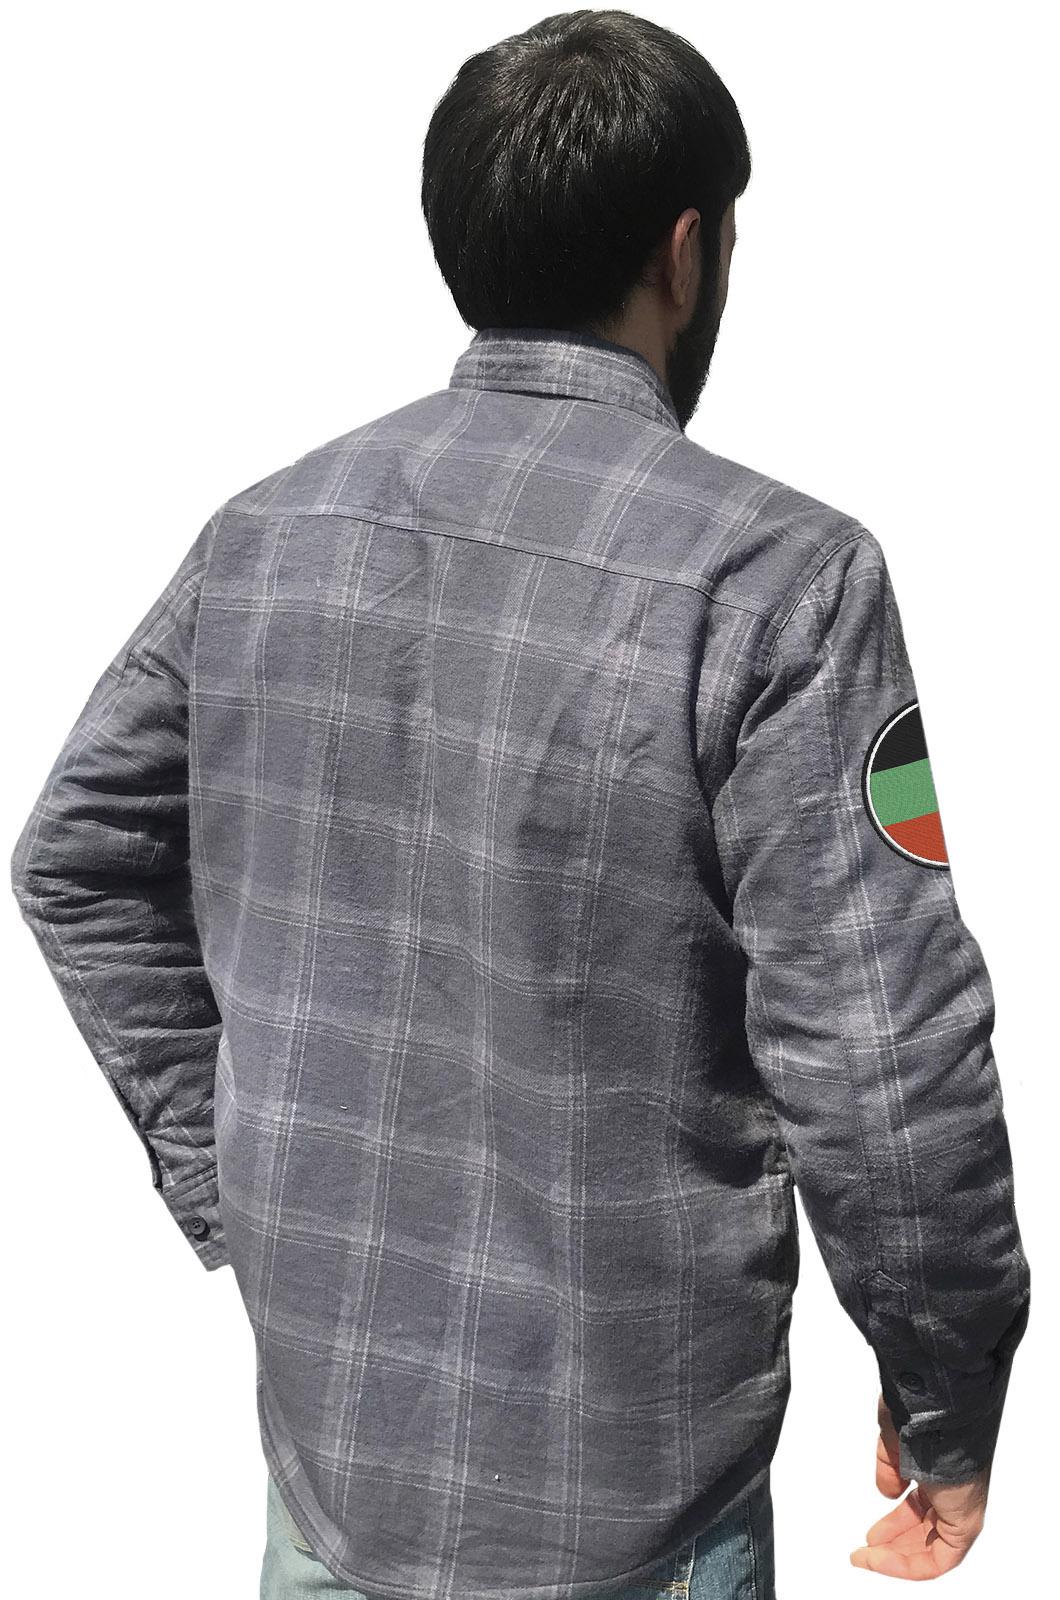 Купить серую теплую рубашку с вышитым флагом Терского Войска с доставкой в ваш город